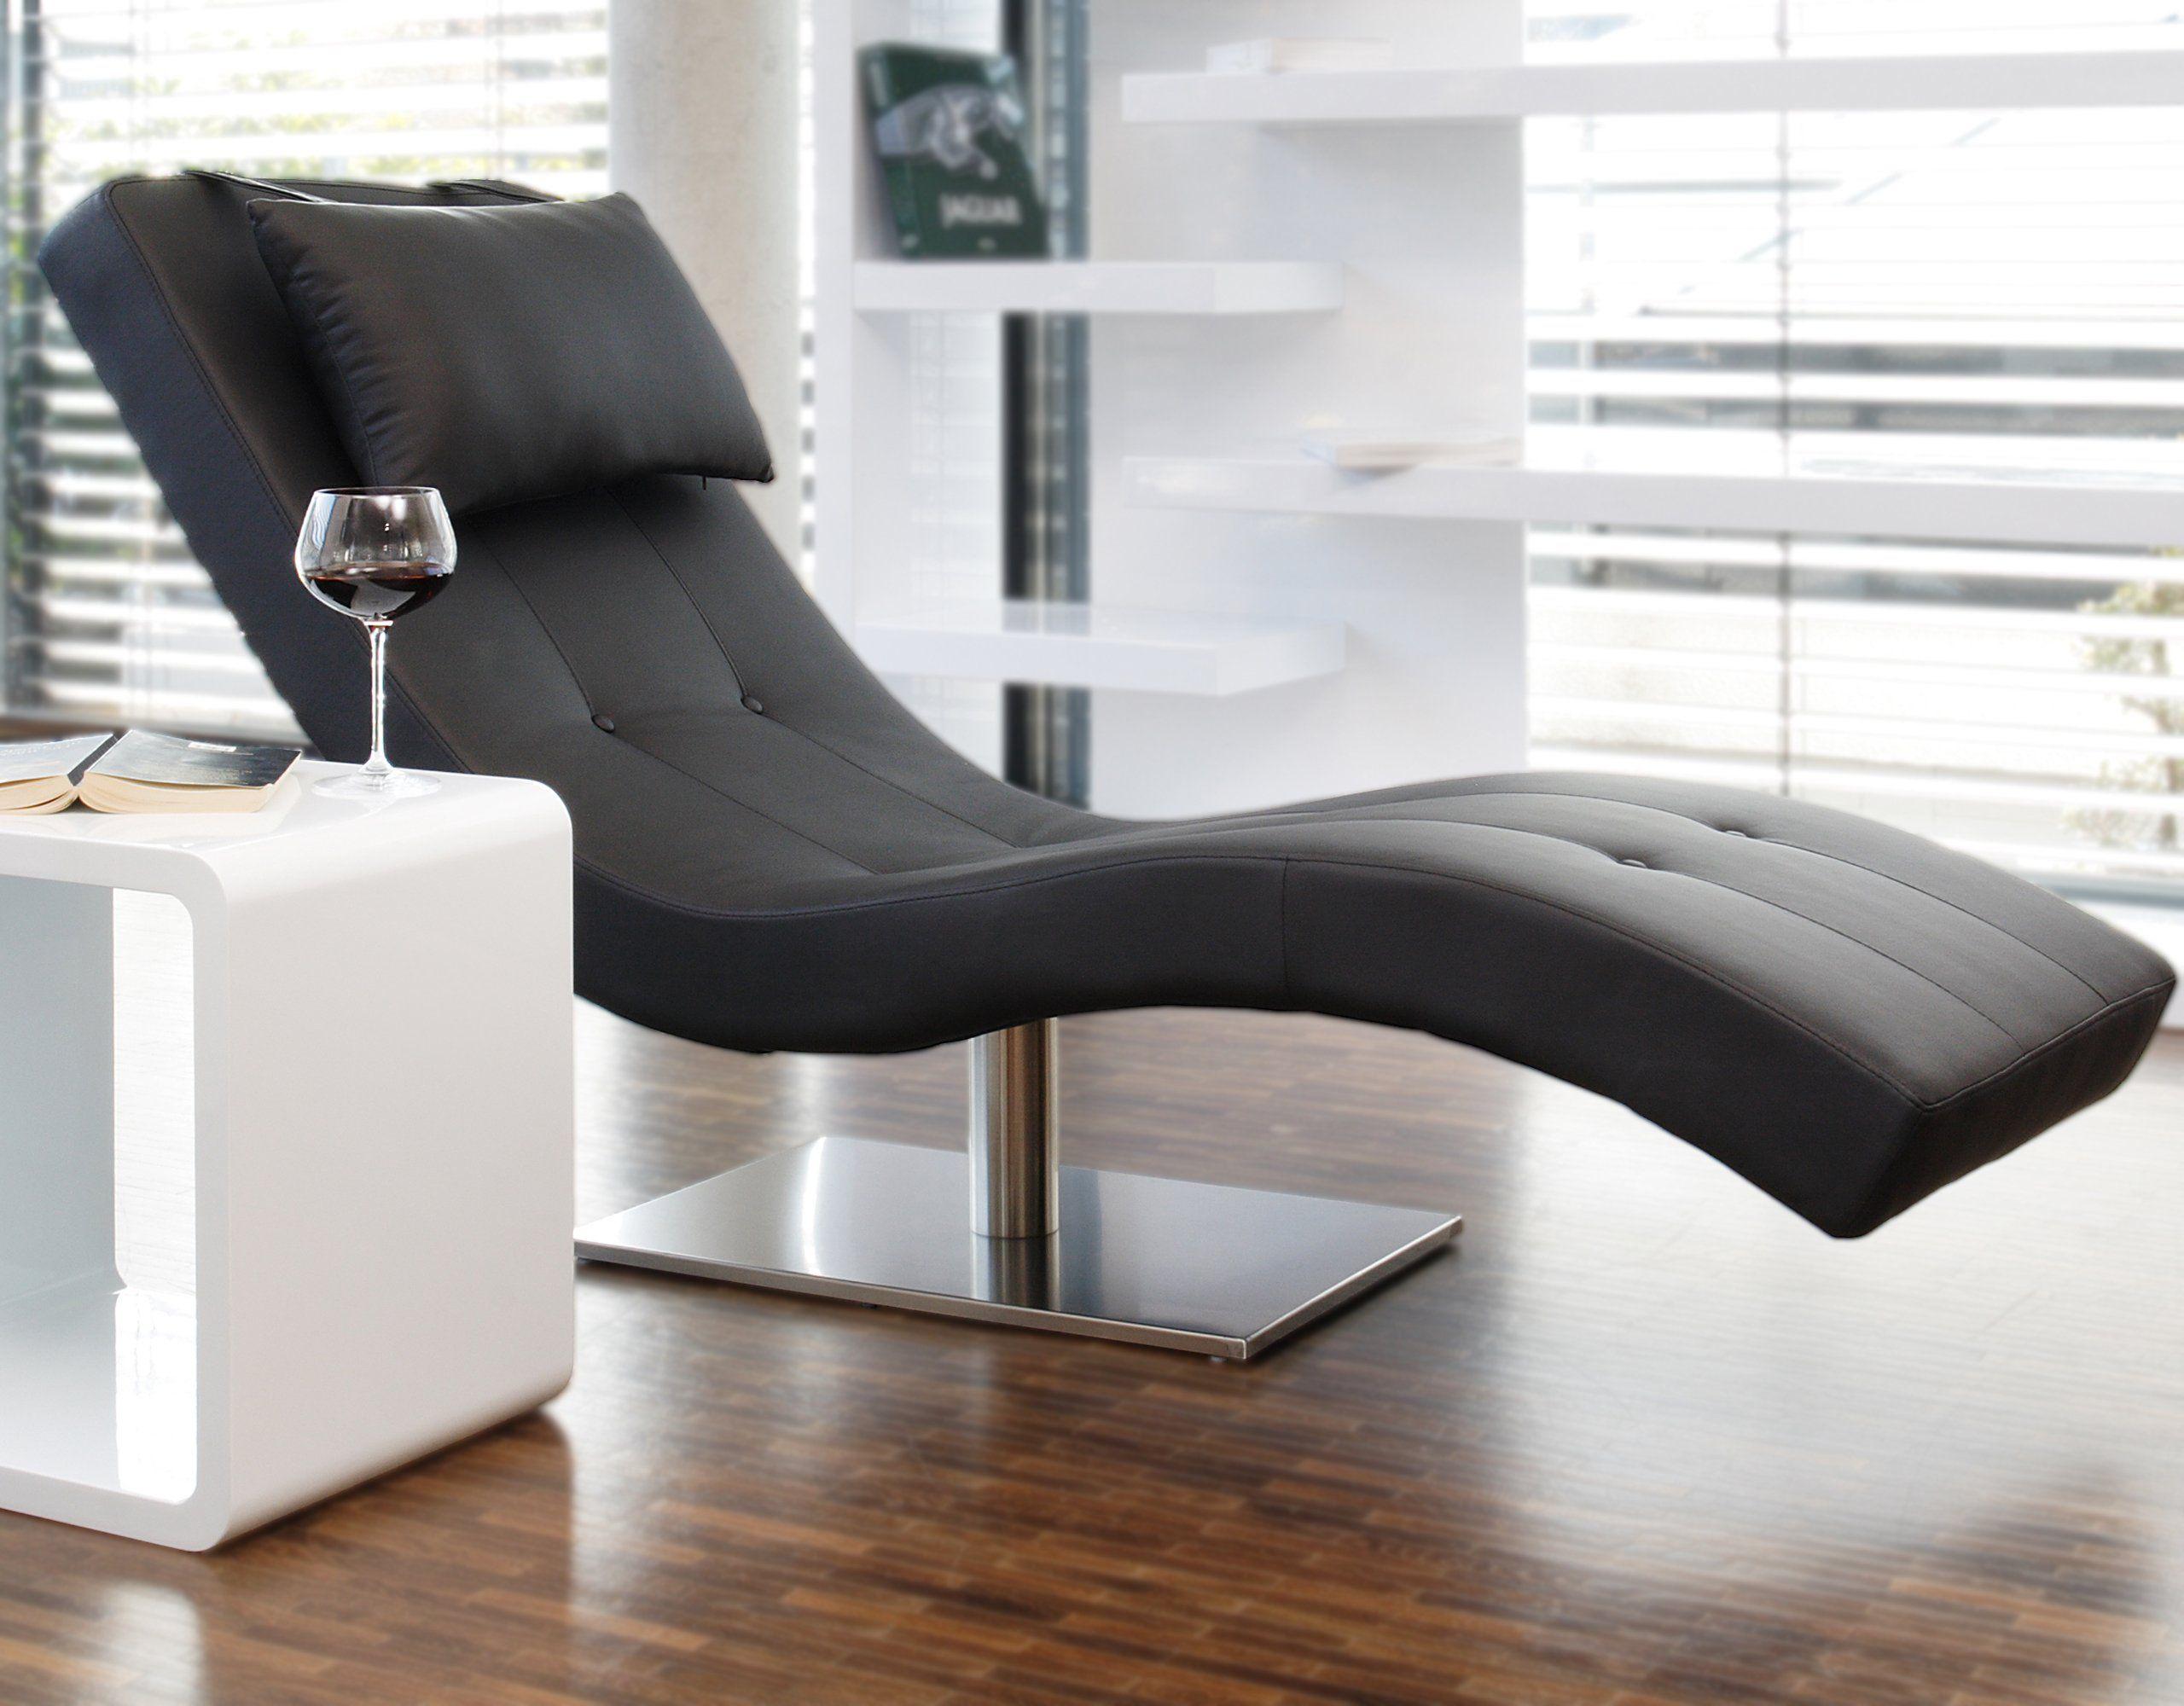 Designer-Liege Chaise-Longue aus Kunstleder schwarz mit